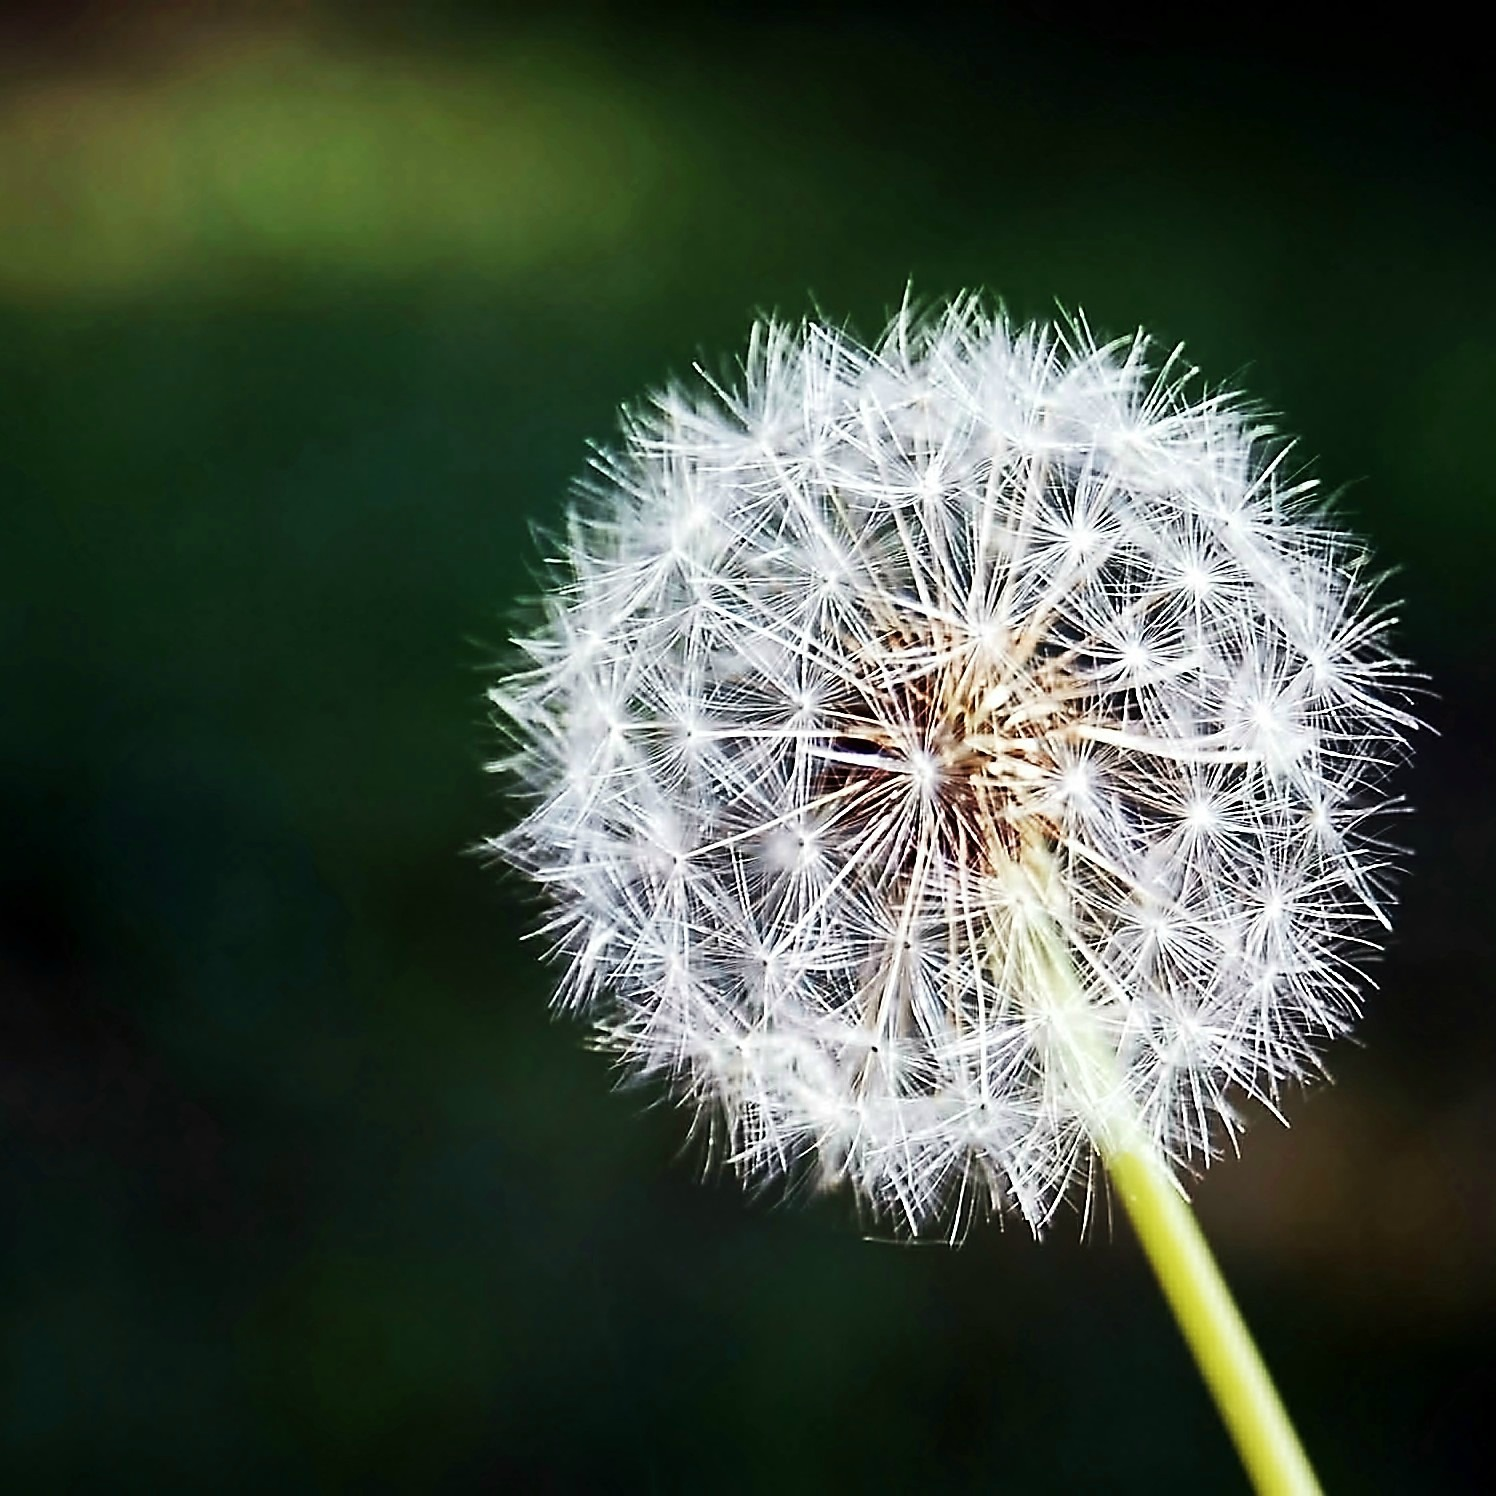 common-dandelion-dandelion-flower-bud-56896_LR_2212x2212.jpg